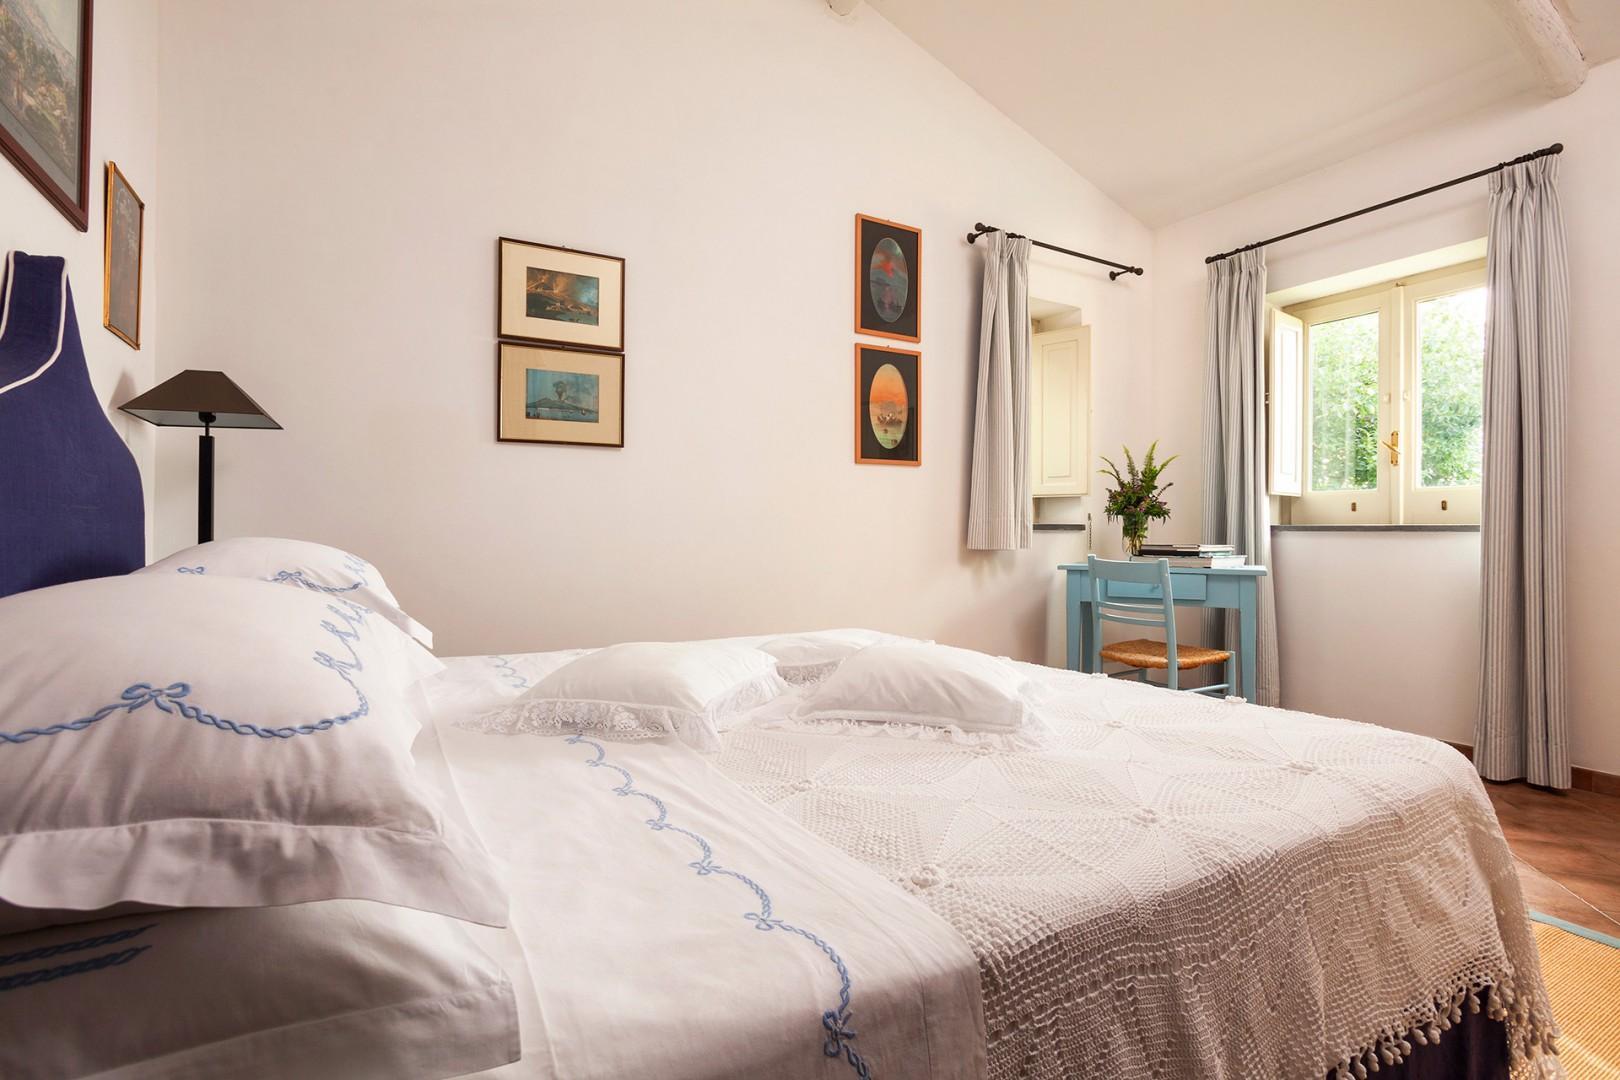 Cottage bedroom with en suite bathroom.